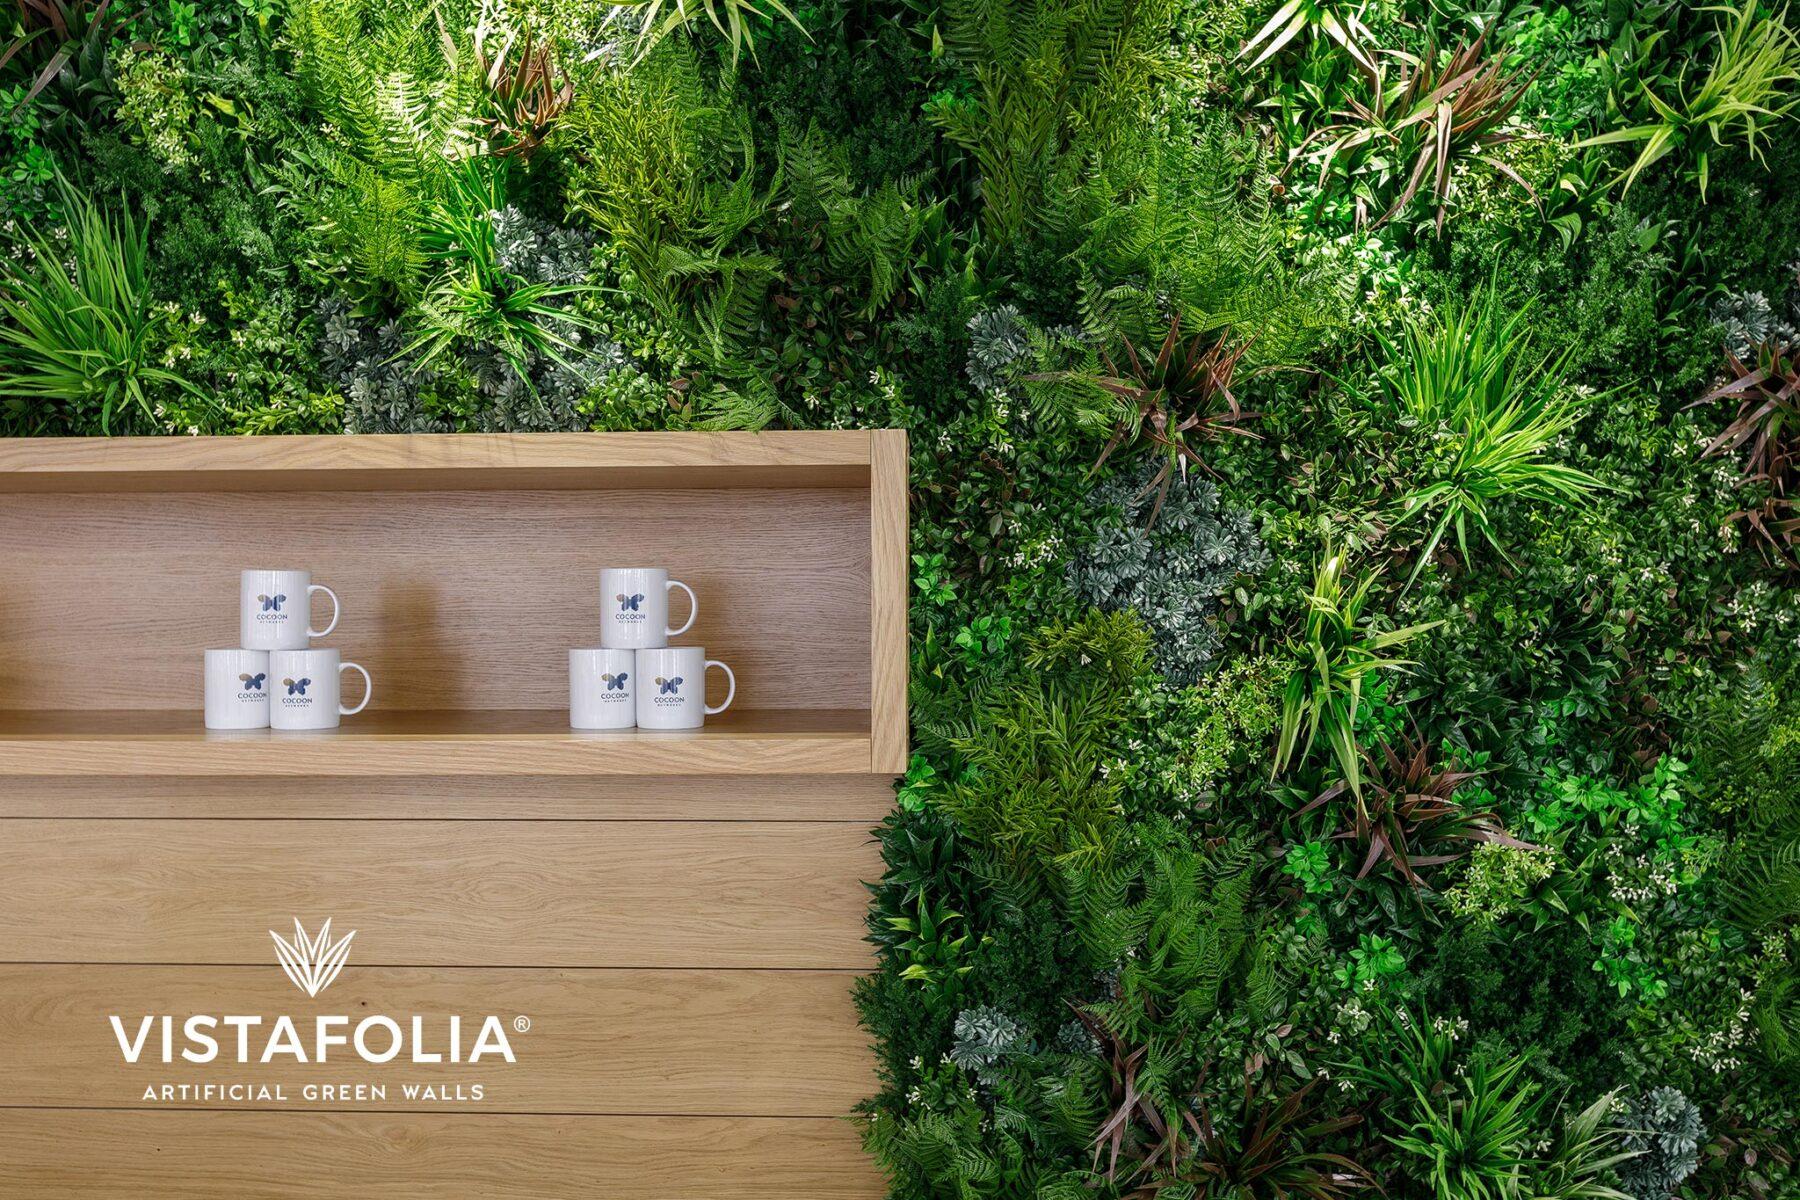 vistafolia, affordable green walls